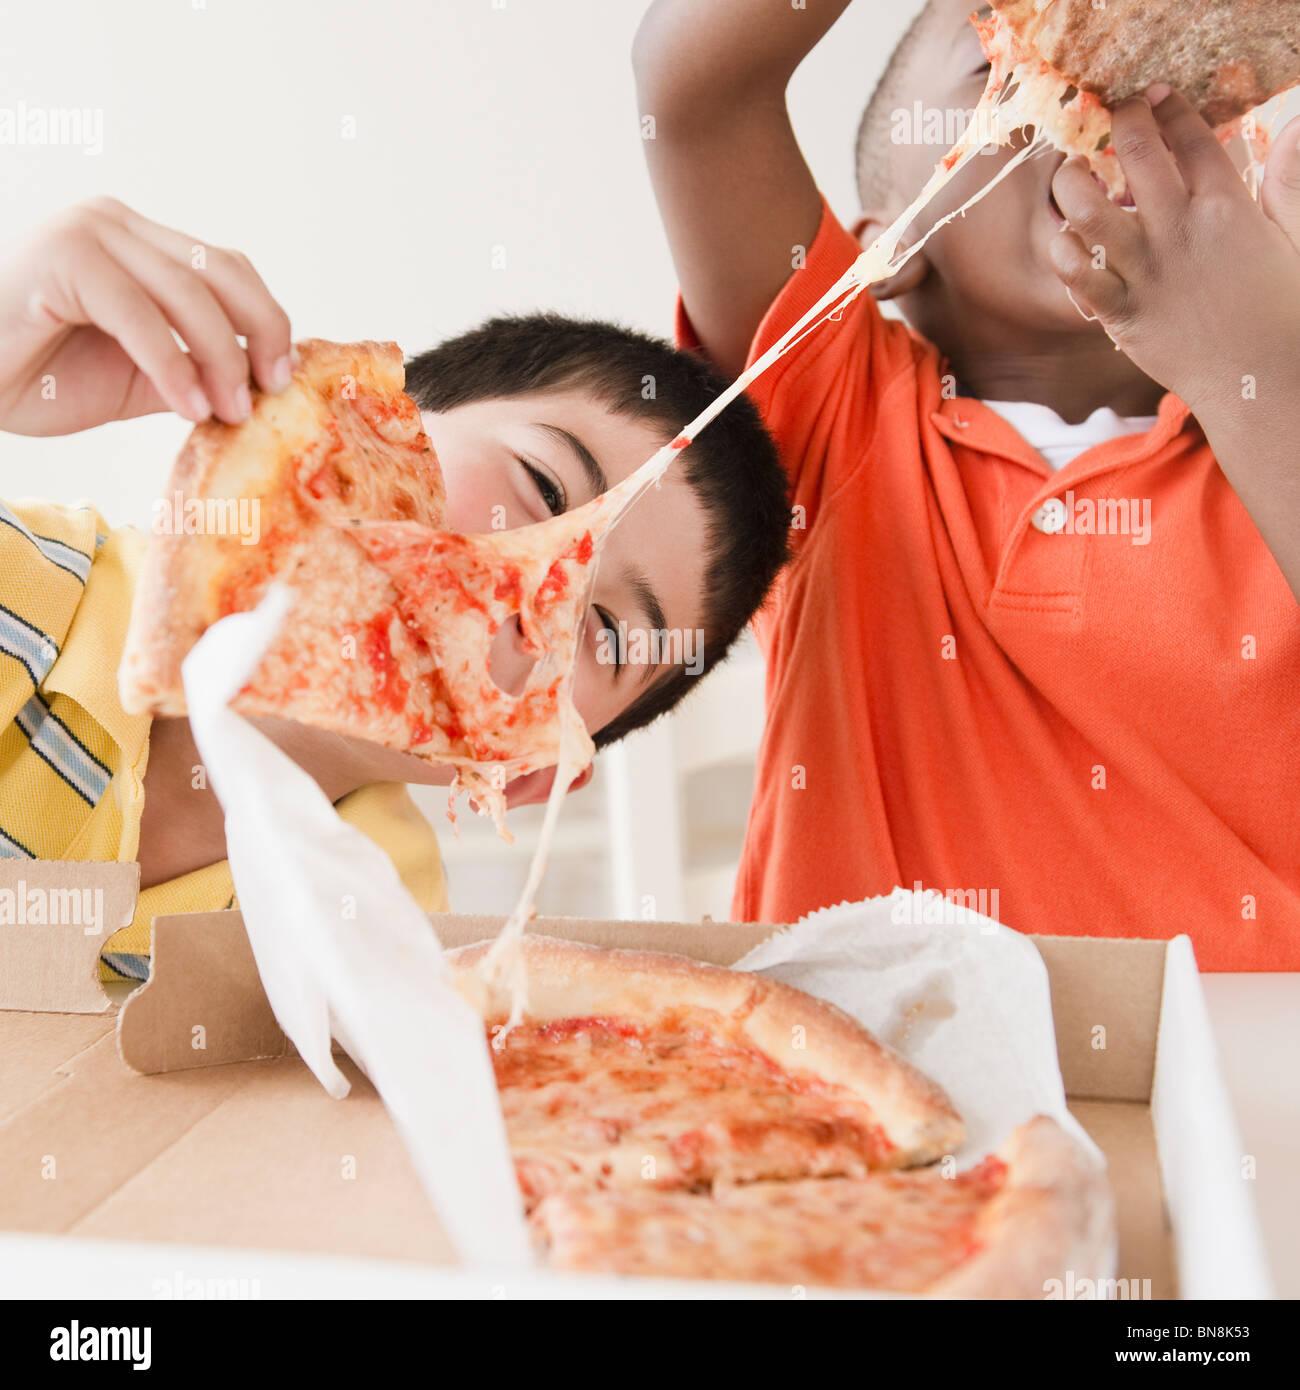 Pizzaessen zusammen getrennt